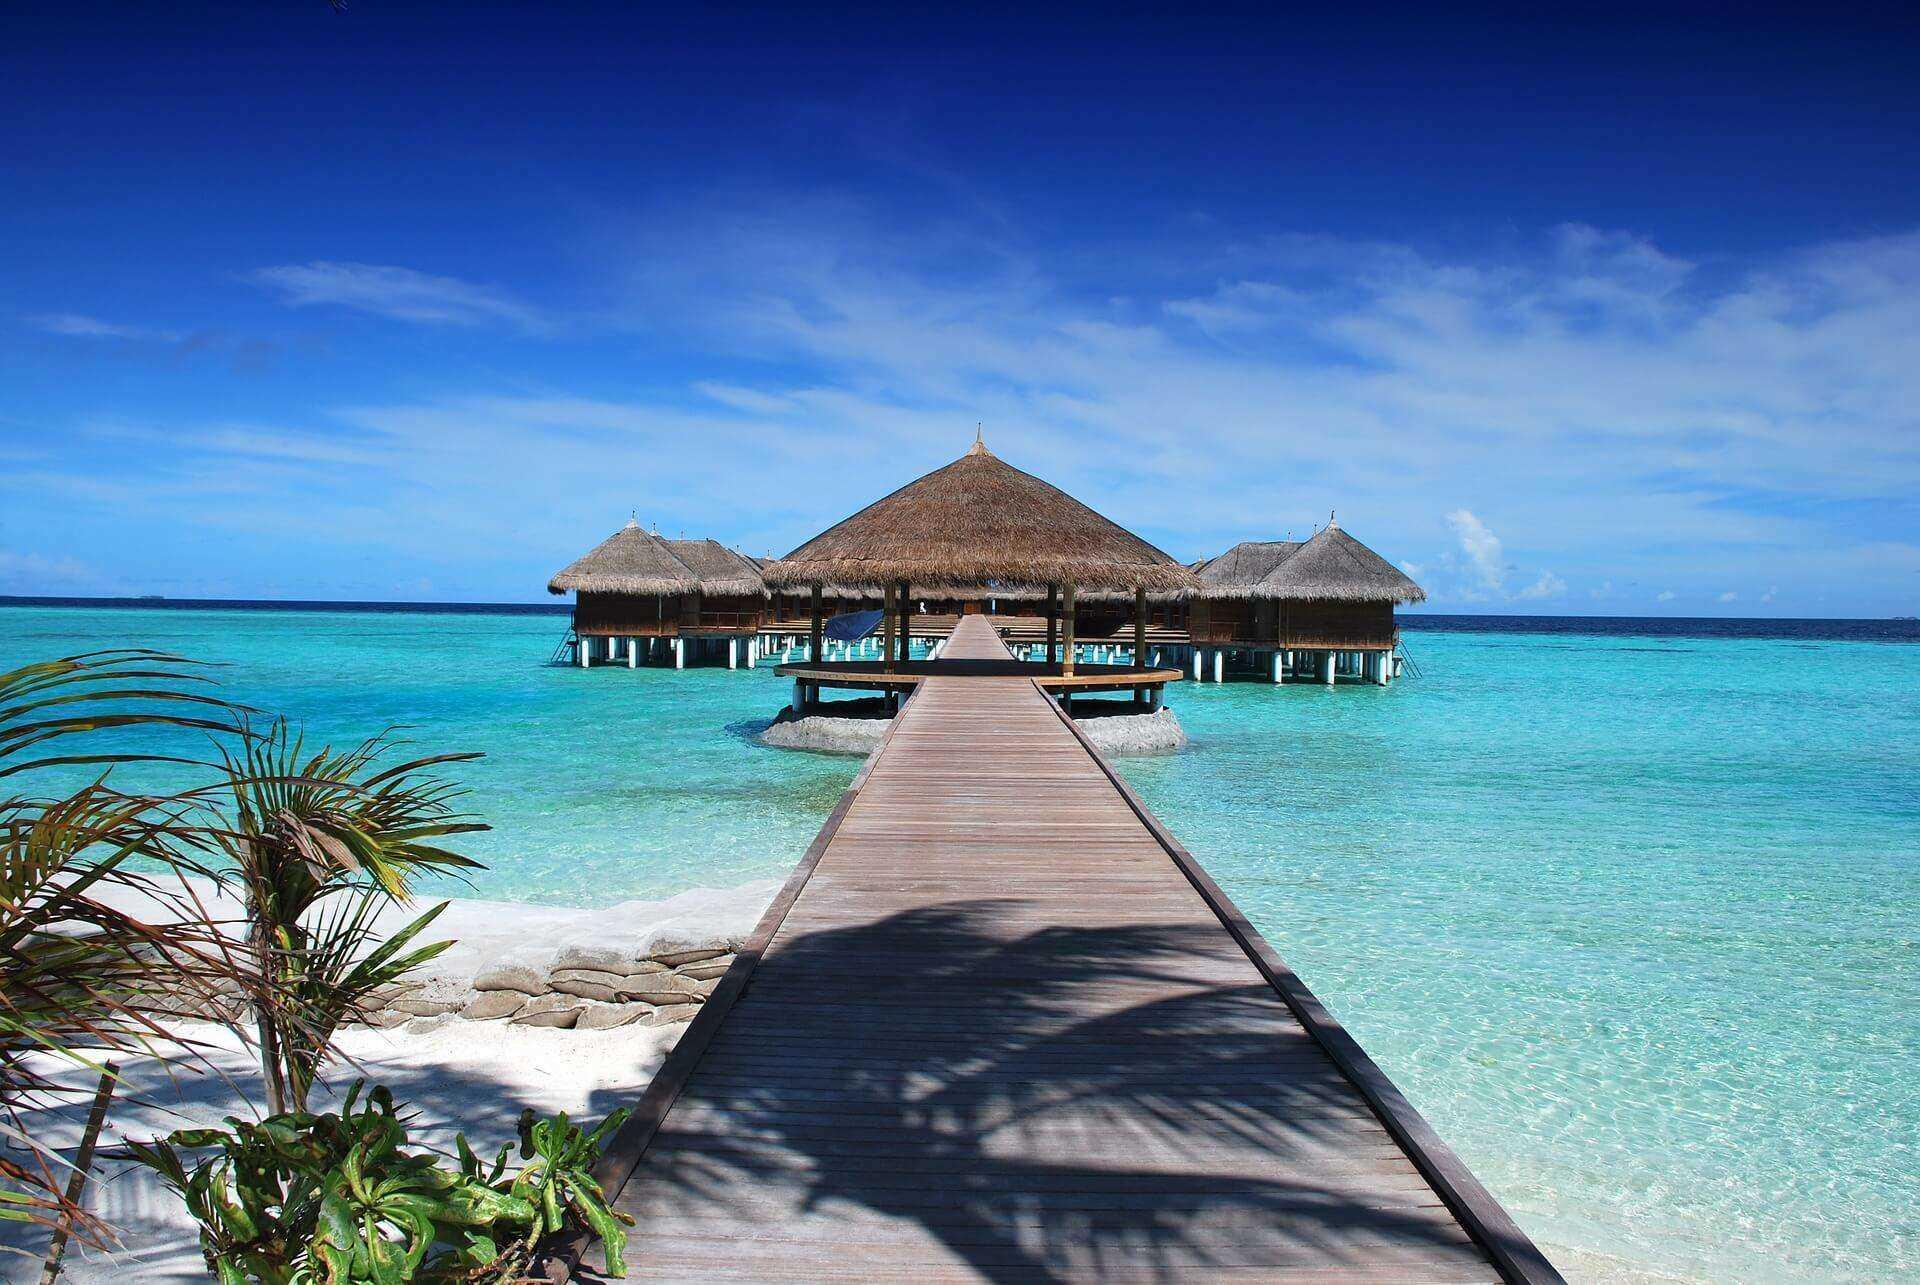 Direktflüge und Billigflüge nach Male (Malediven)